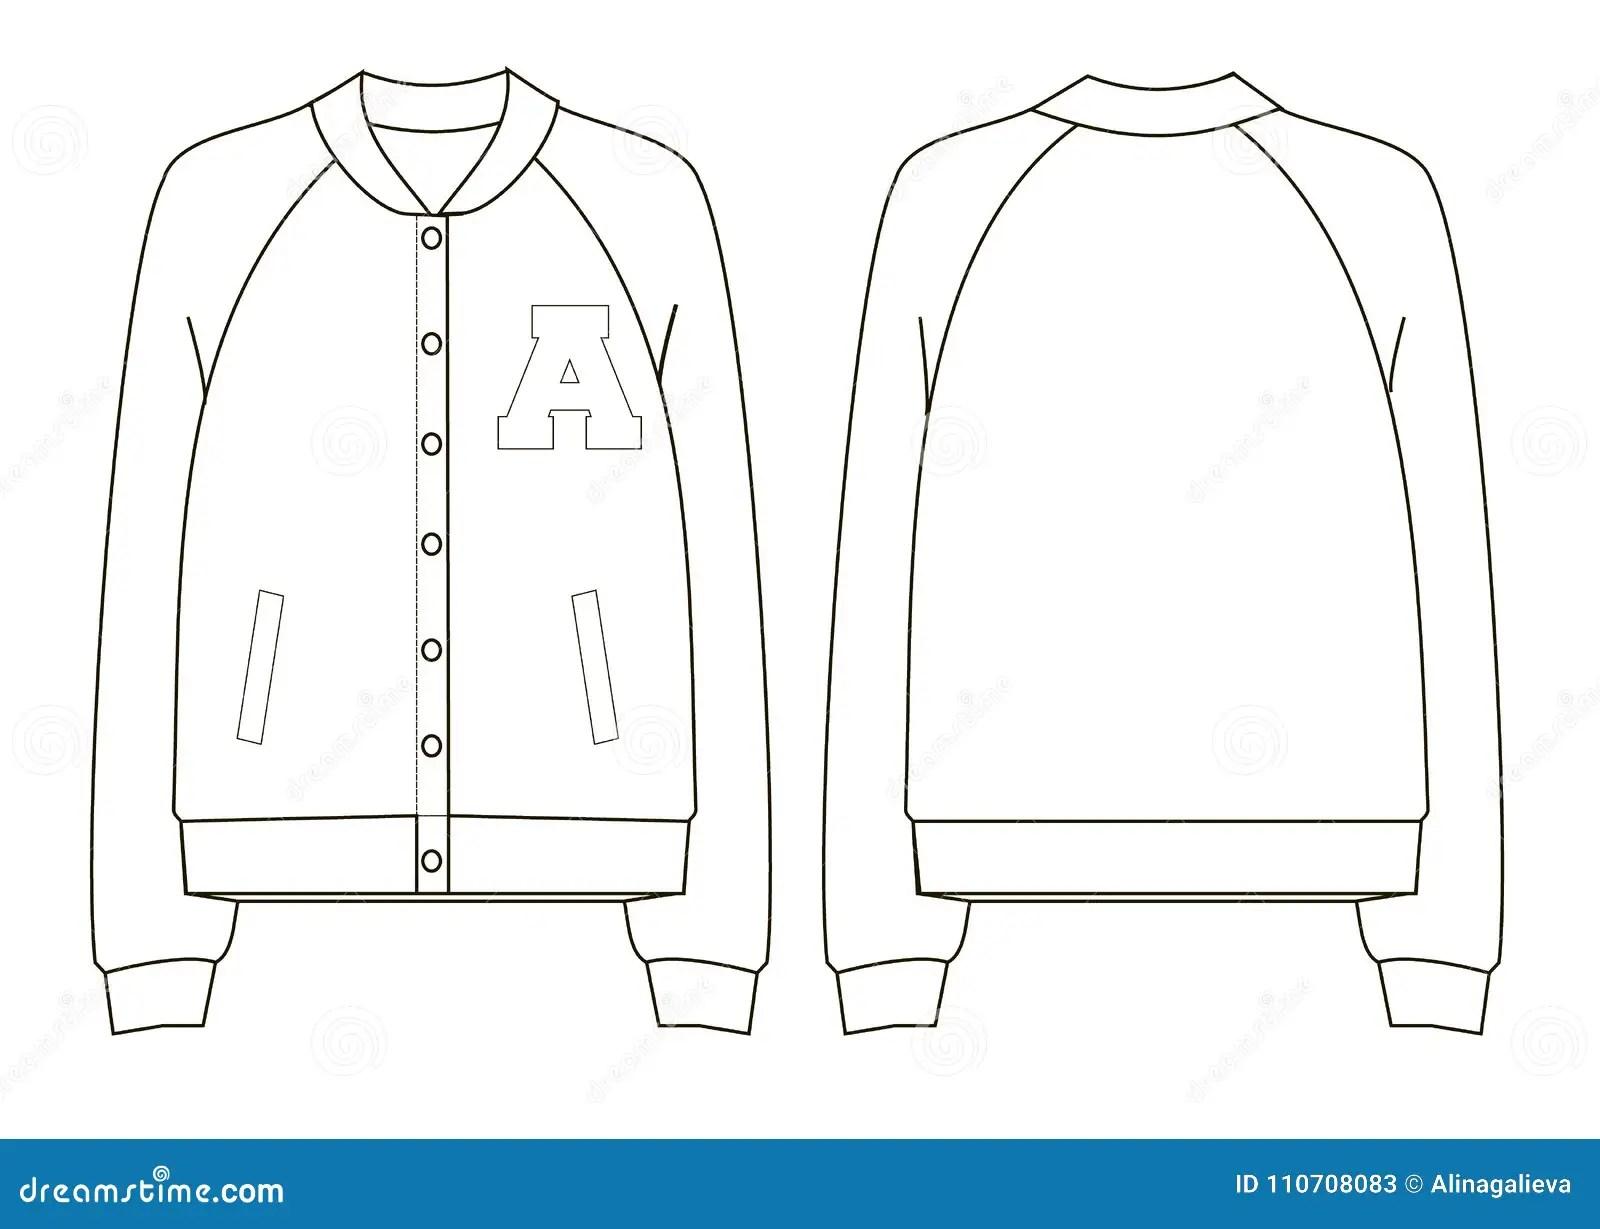 Unicollegeer Jacket Technical Sketch Stock Vector